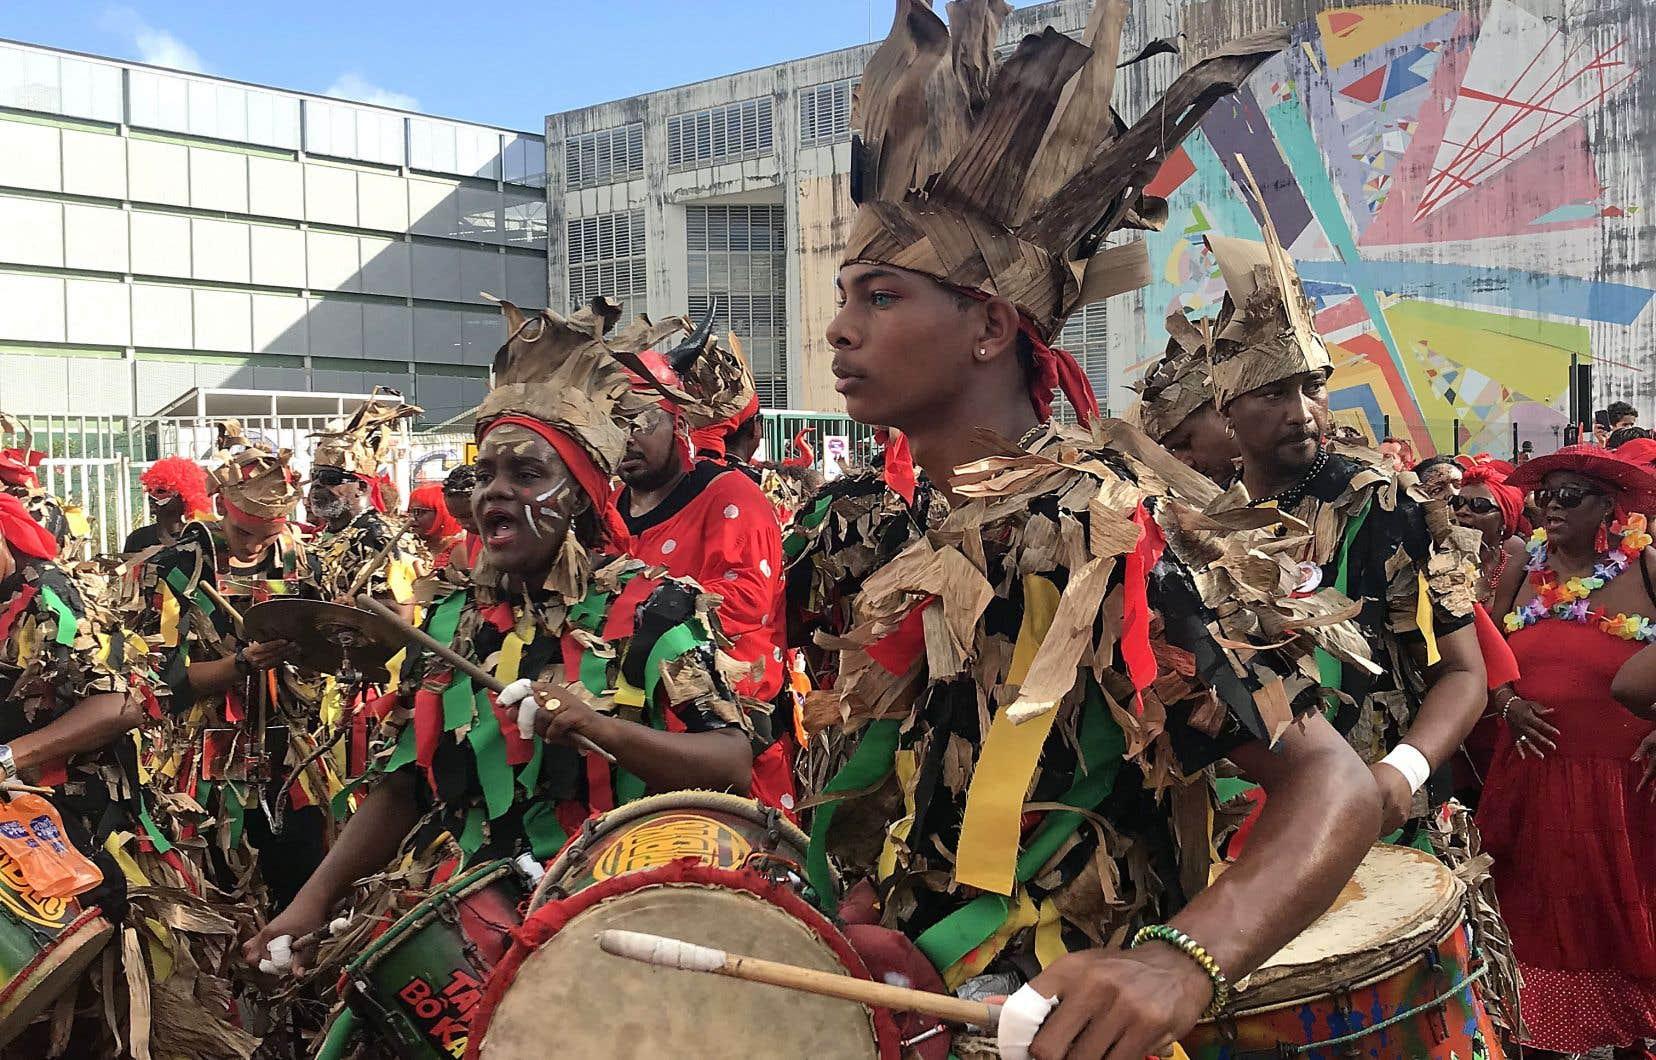 Tanbou Bô Kannal lors de la parade du Mardi gras dans les rues de Fort-de-France.